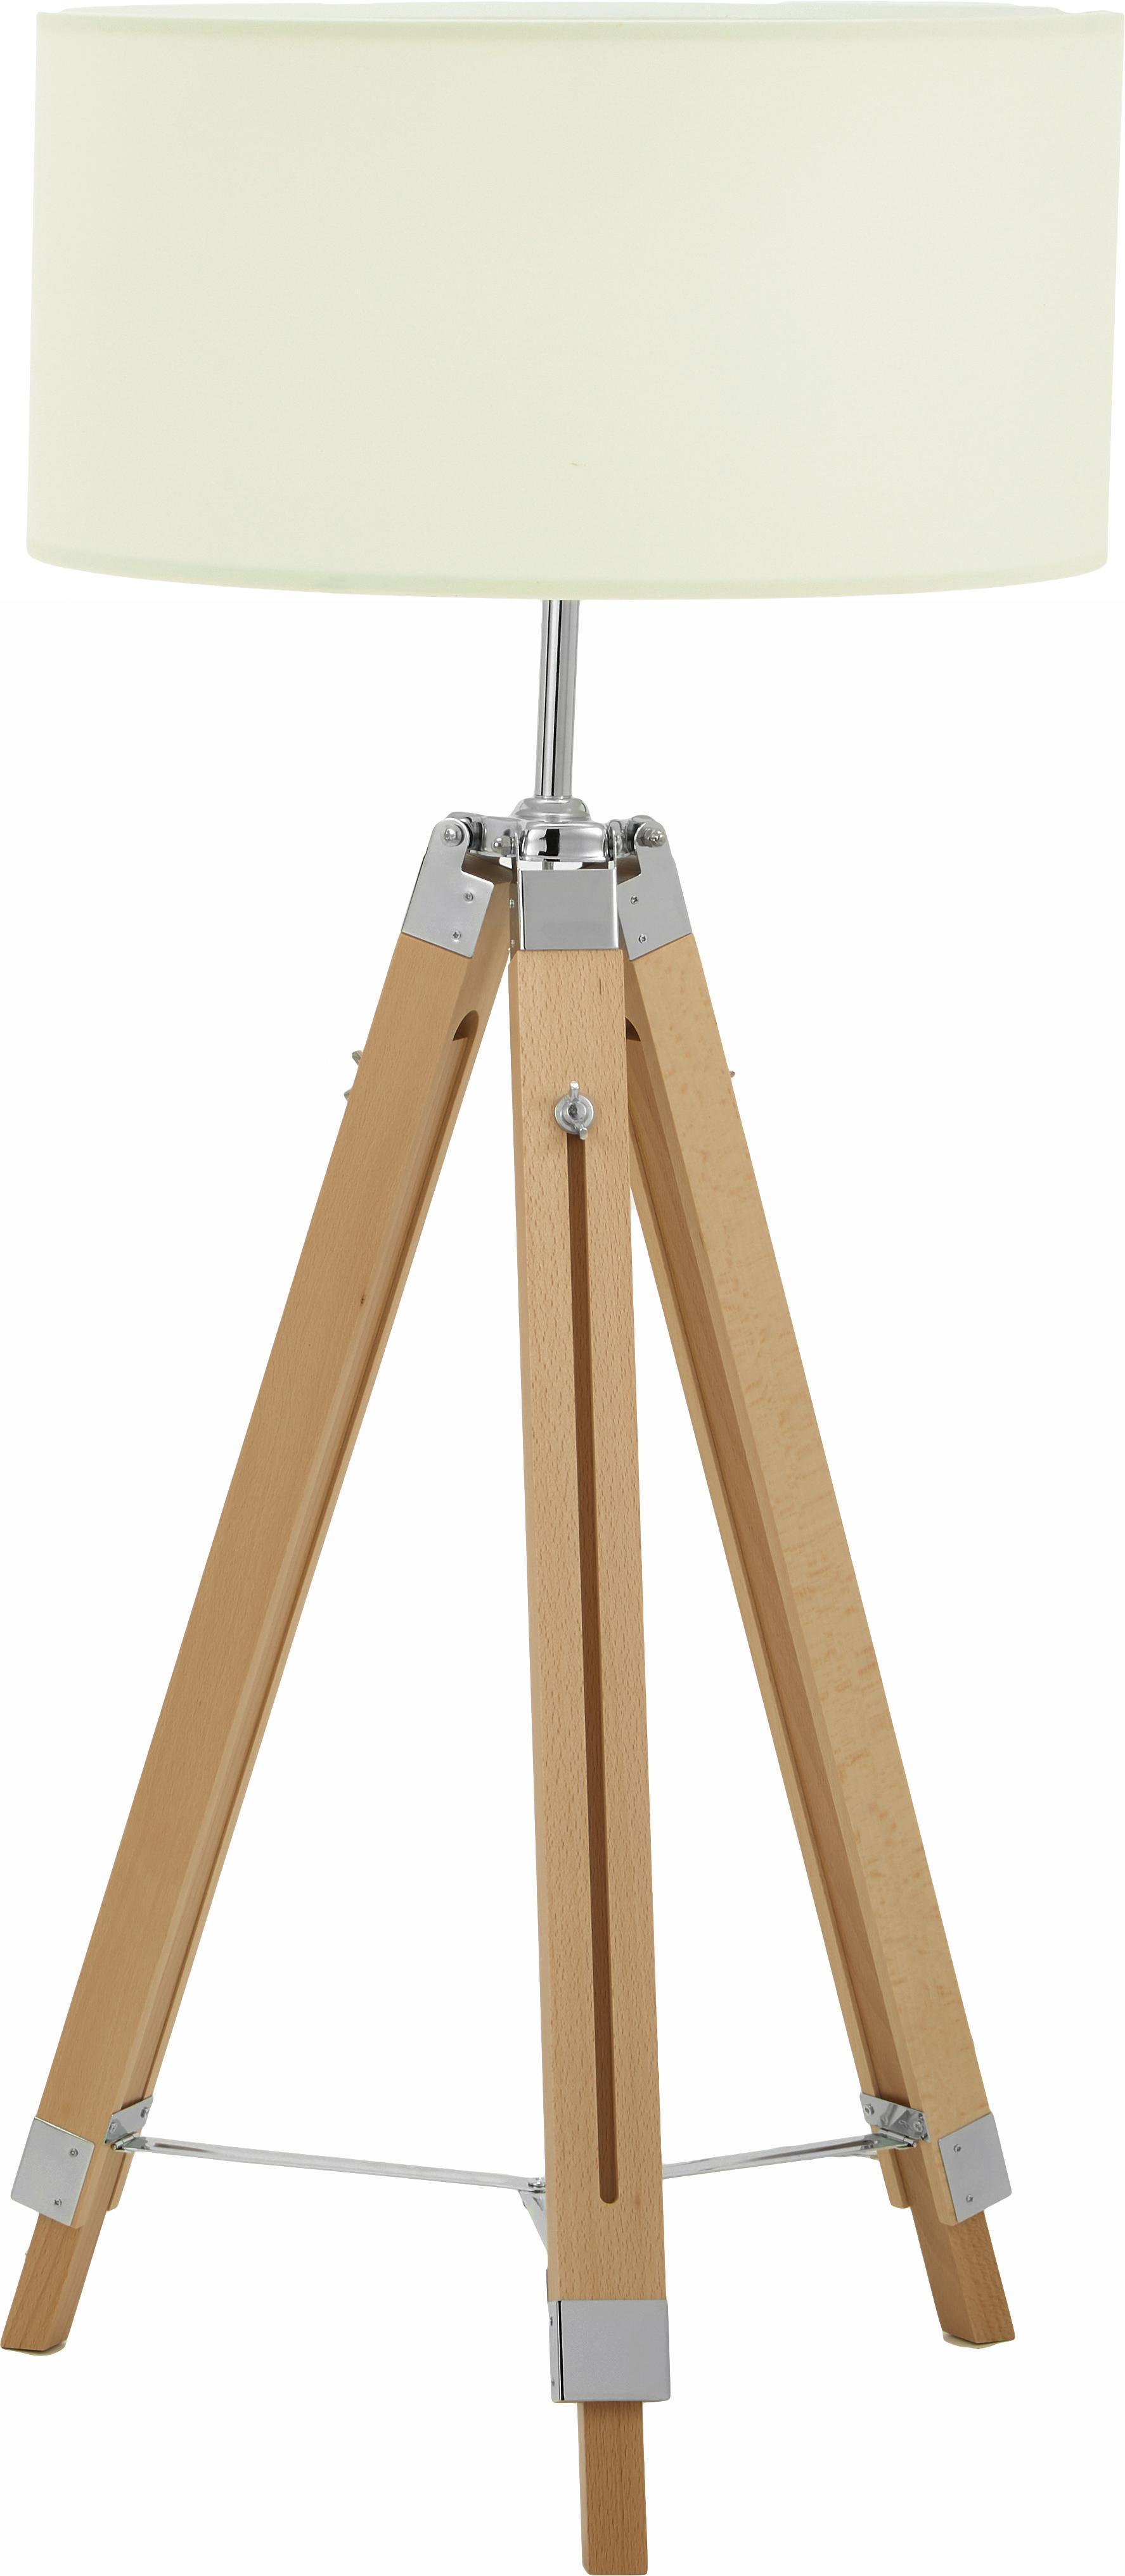 Vloerlamp Lantada van hout, in hoogte verstelbaar, Lampenkap: polyester, Lampvoet: hout, Crèmekleurig, bruin, Ø 70 x H 150 cm